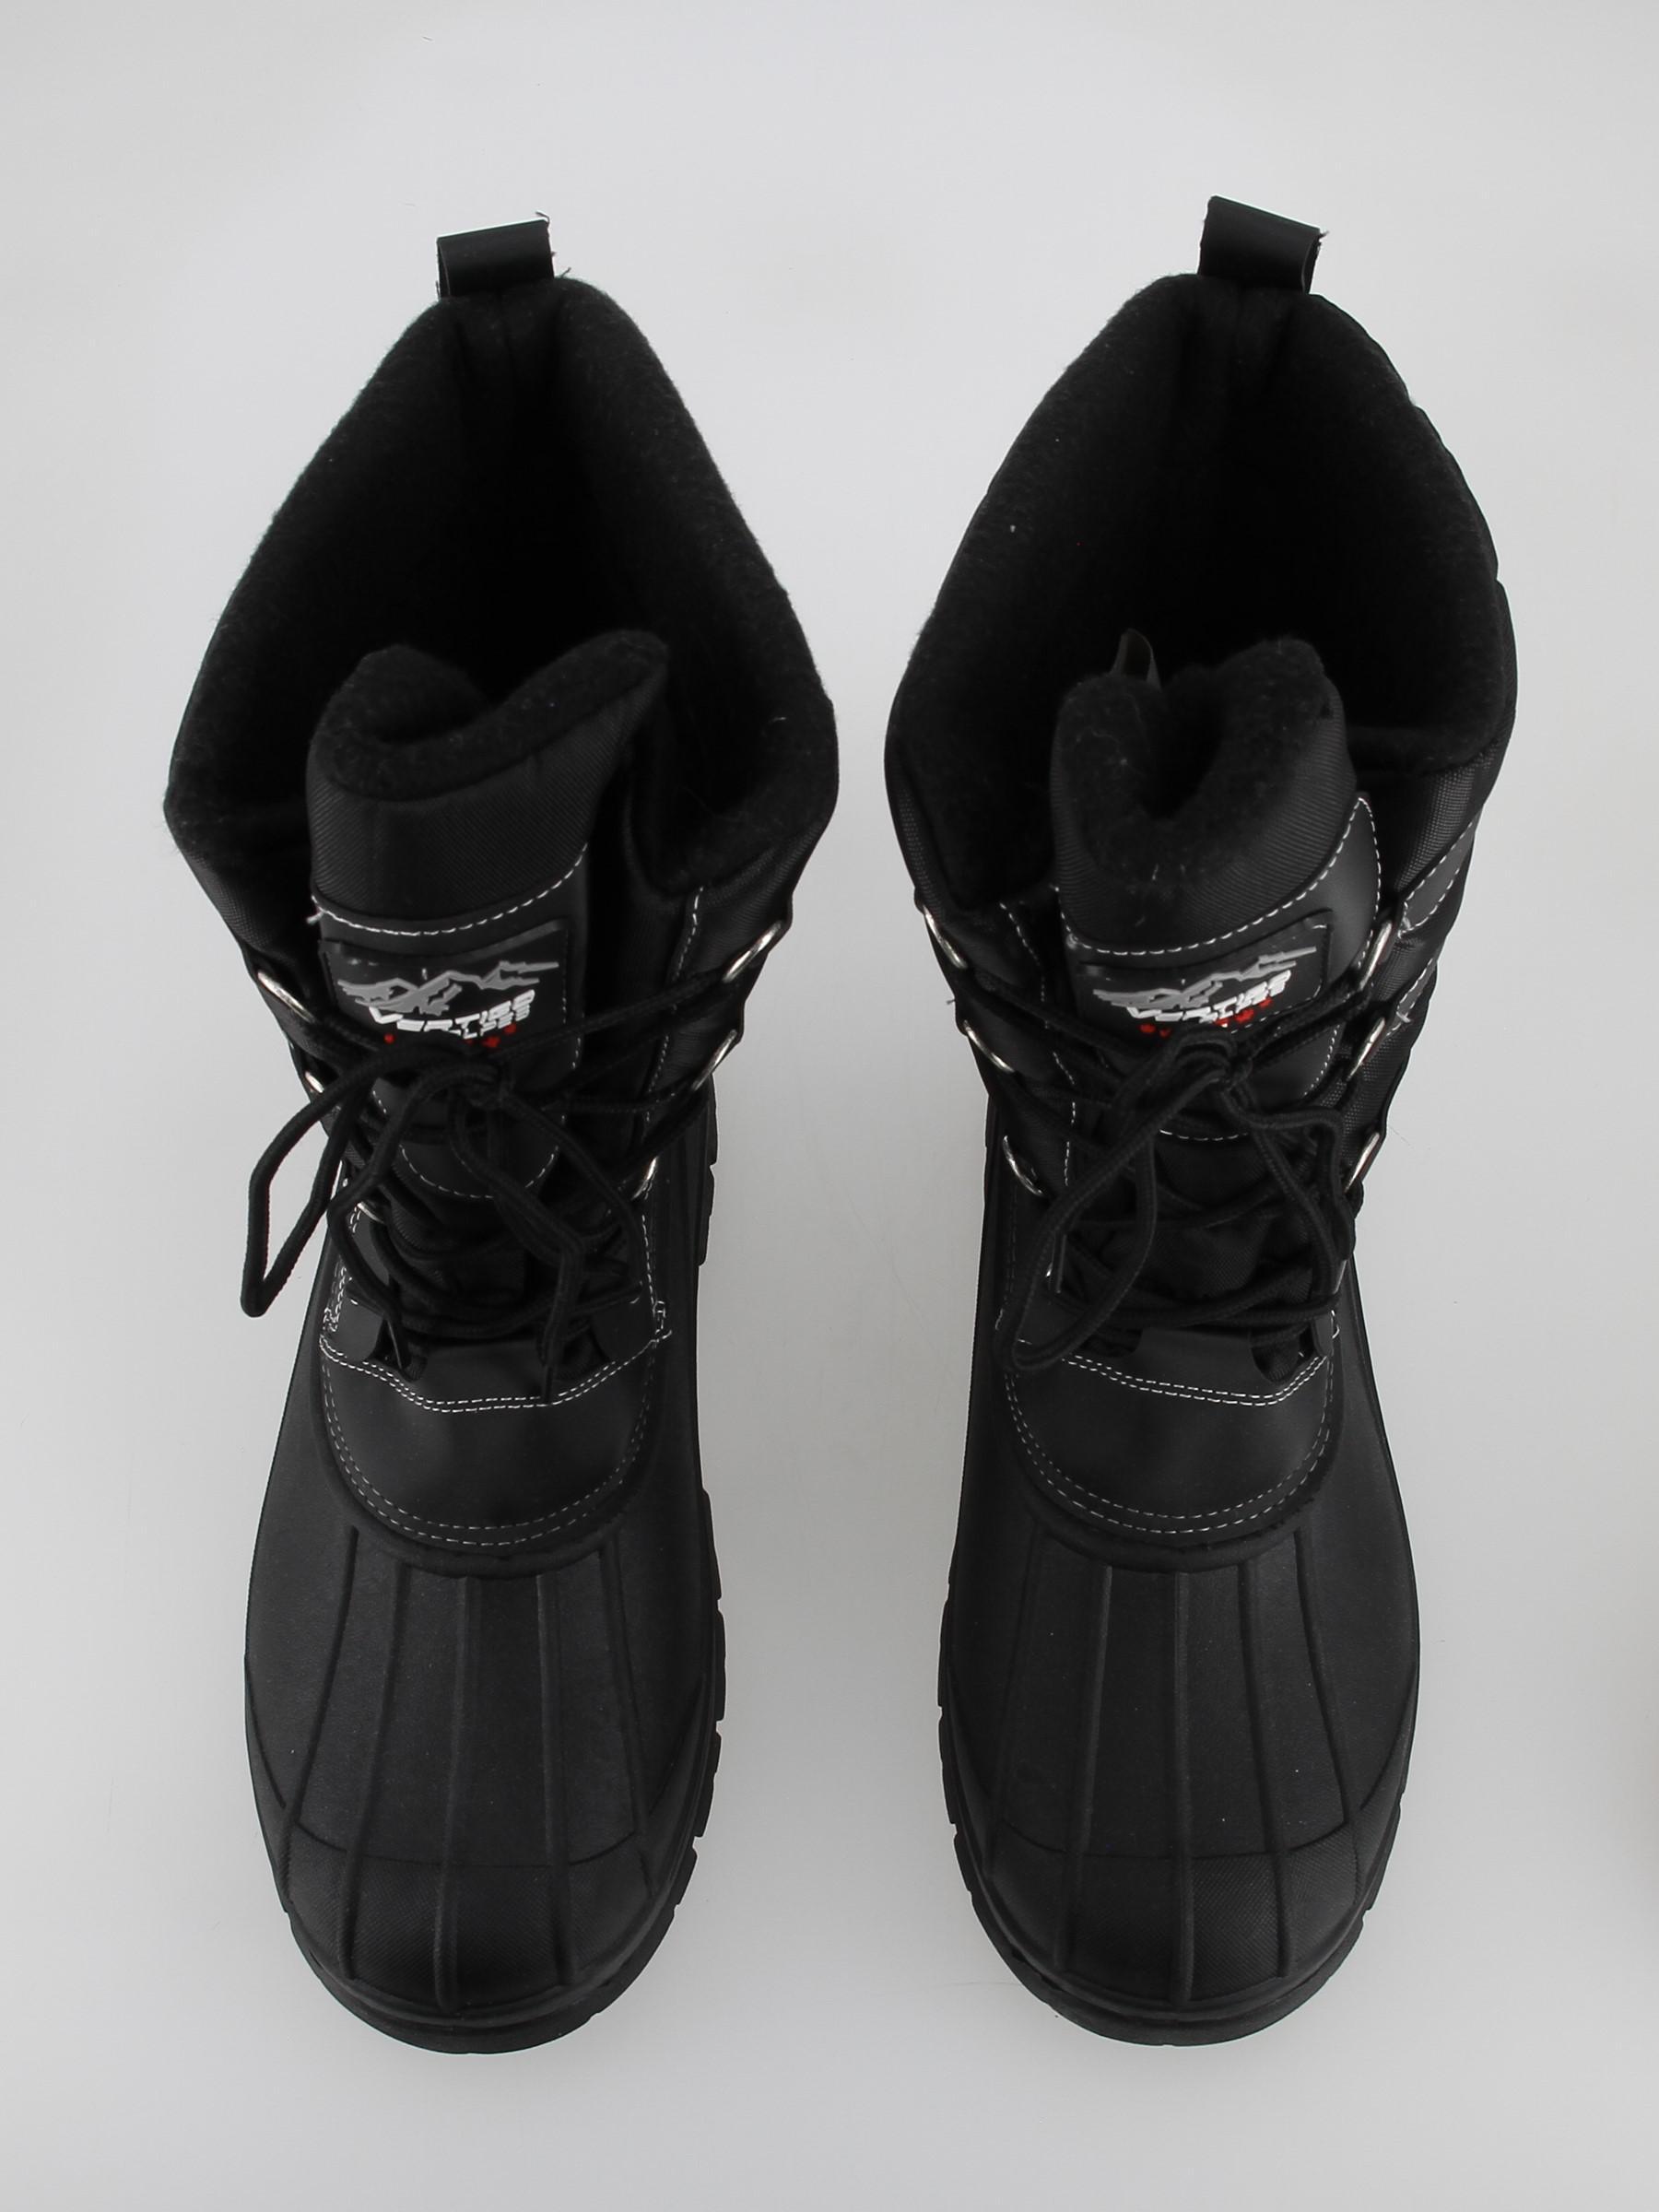 Bottes-neige-apres-ski-Alpes-vertigo-Busi-noir-botte-neige-Noir-61811-Neuf